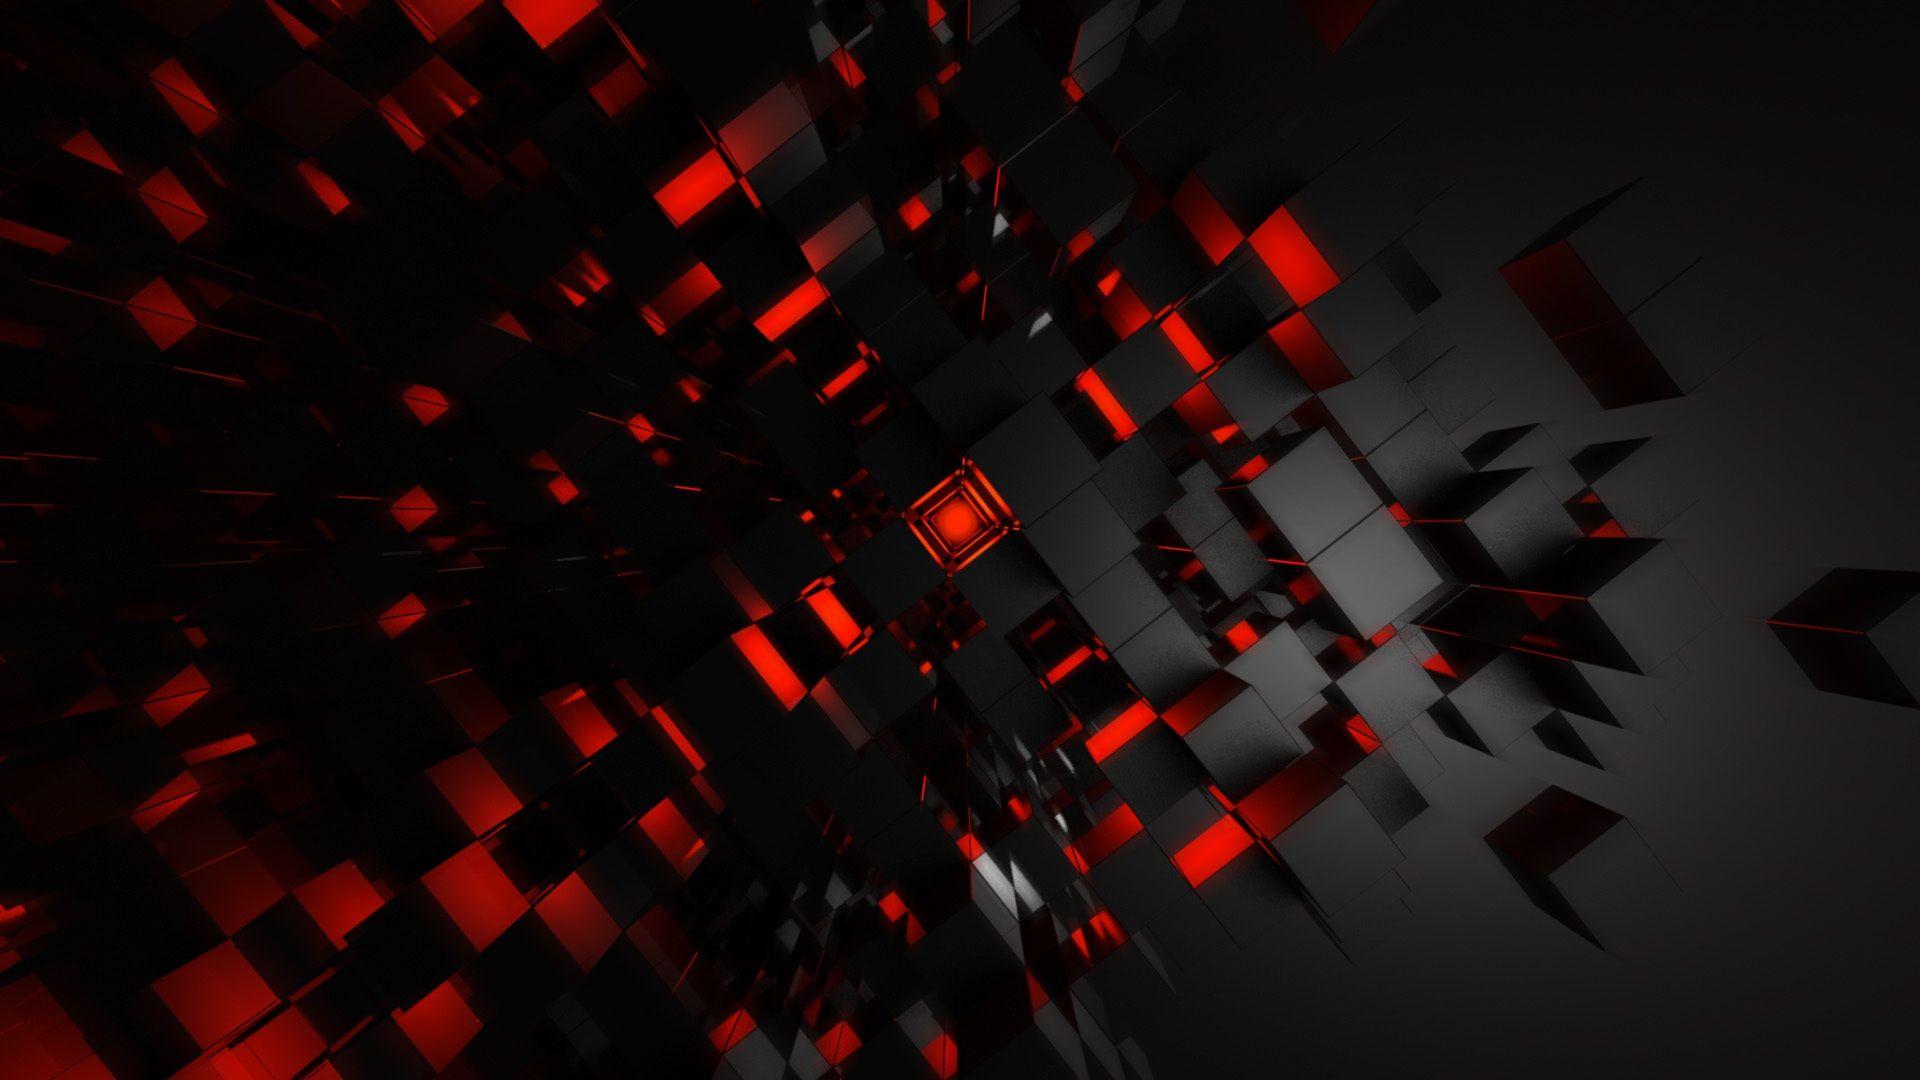 Red Cube Com Imagens Wallpaper Fofos Plano De Fundo Iphone